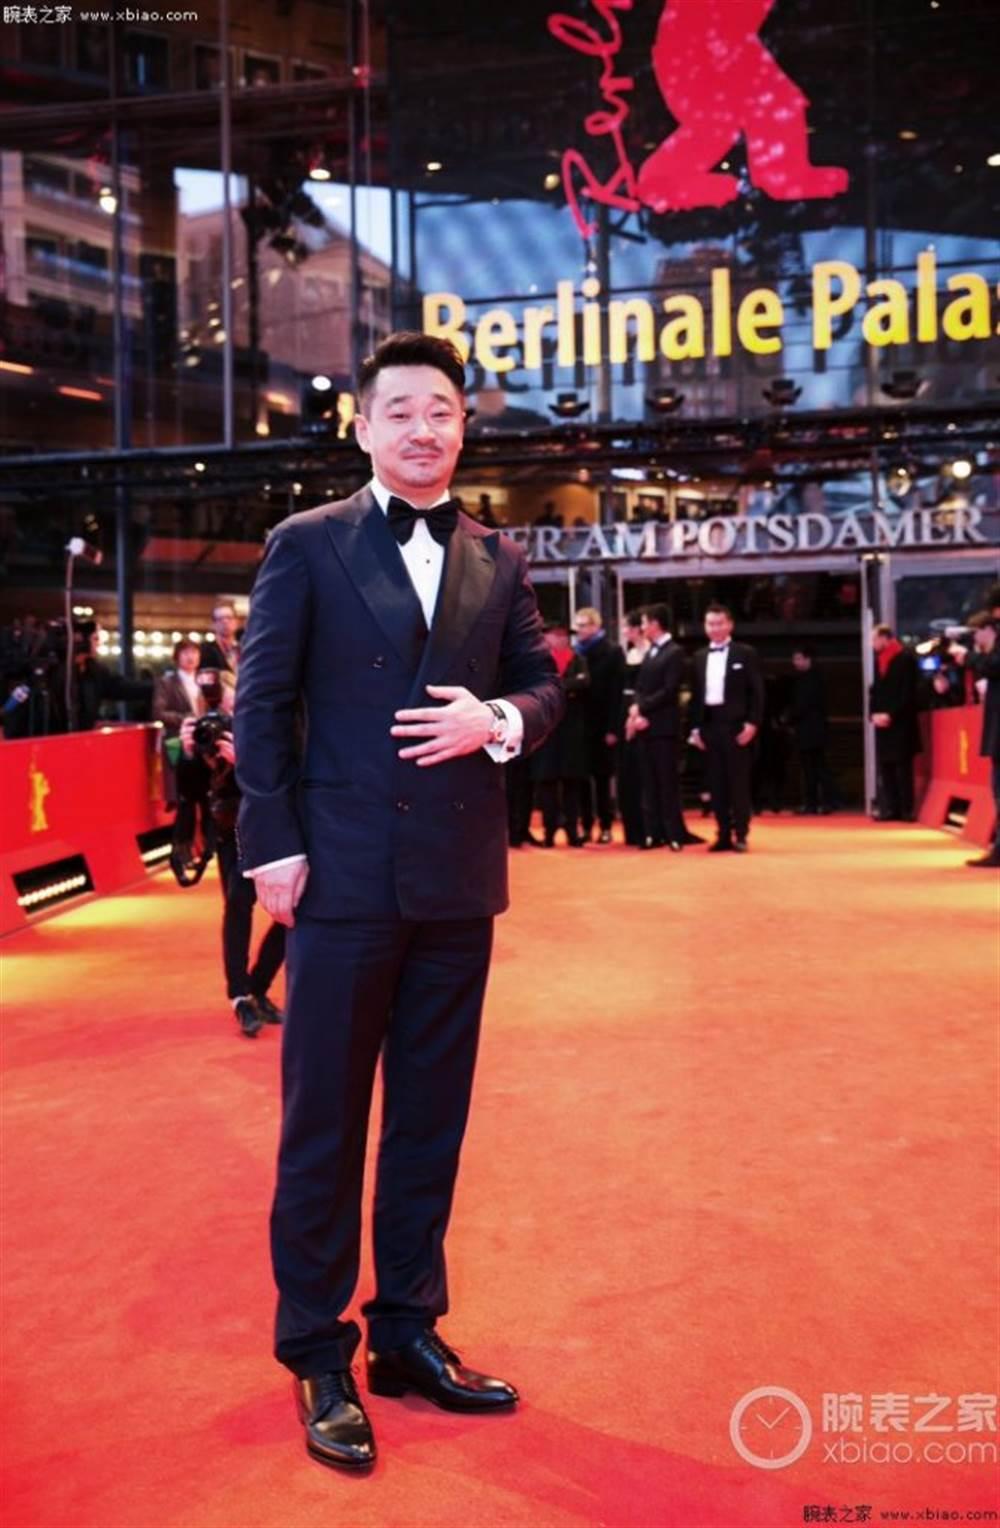 「柏林电影节」中国演员包揽影帝与影后两座大奖 第5张